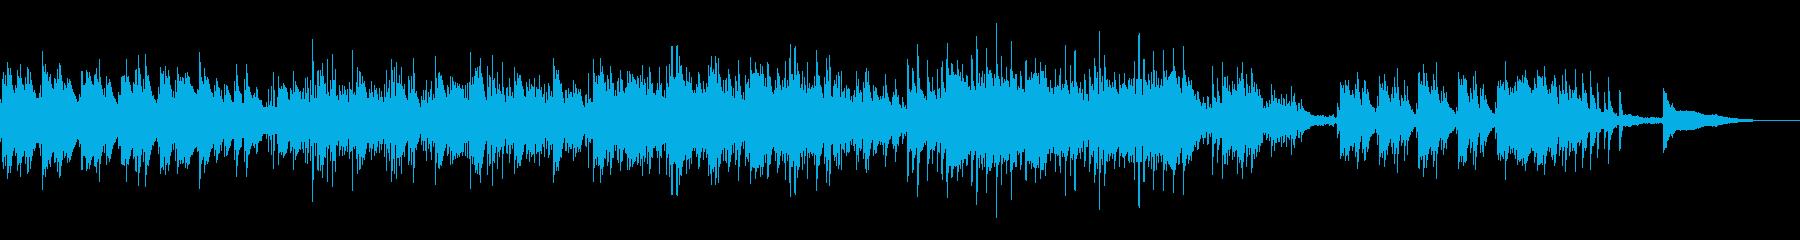 静かな感動アンビエントの再生済みの波形